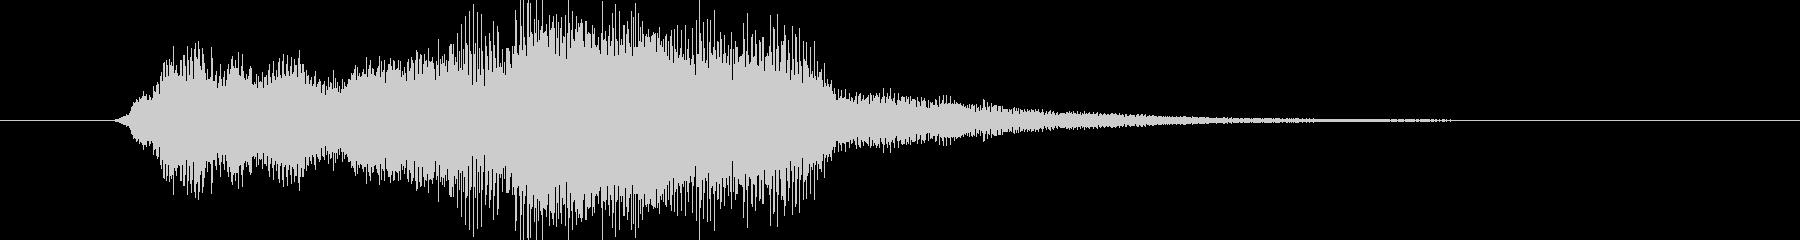 オーケストラのアイキャッチ・イベント発生の未再生の波形